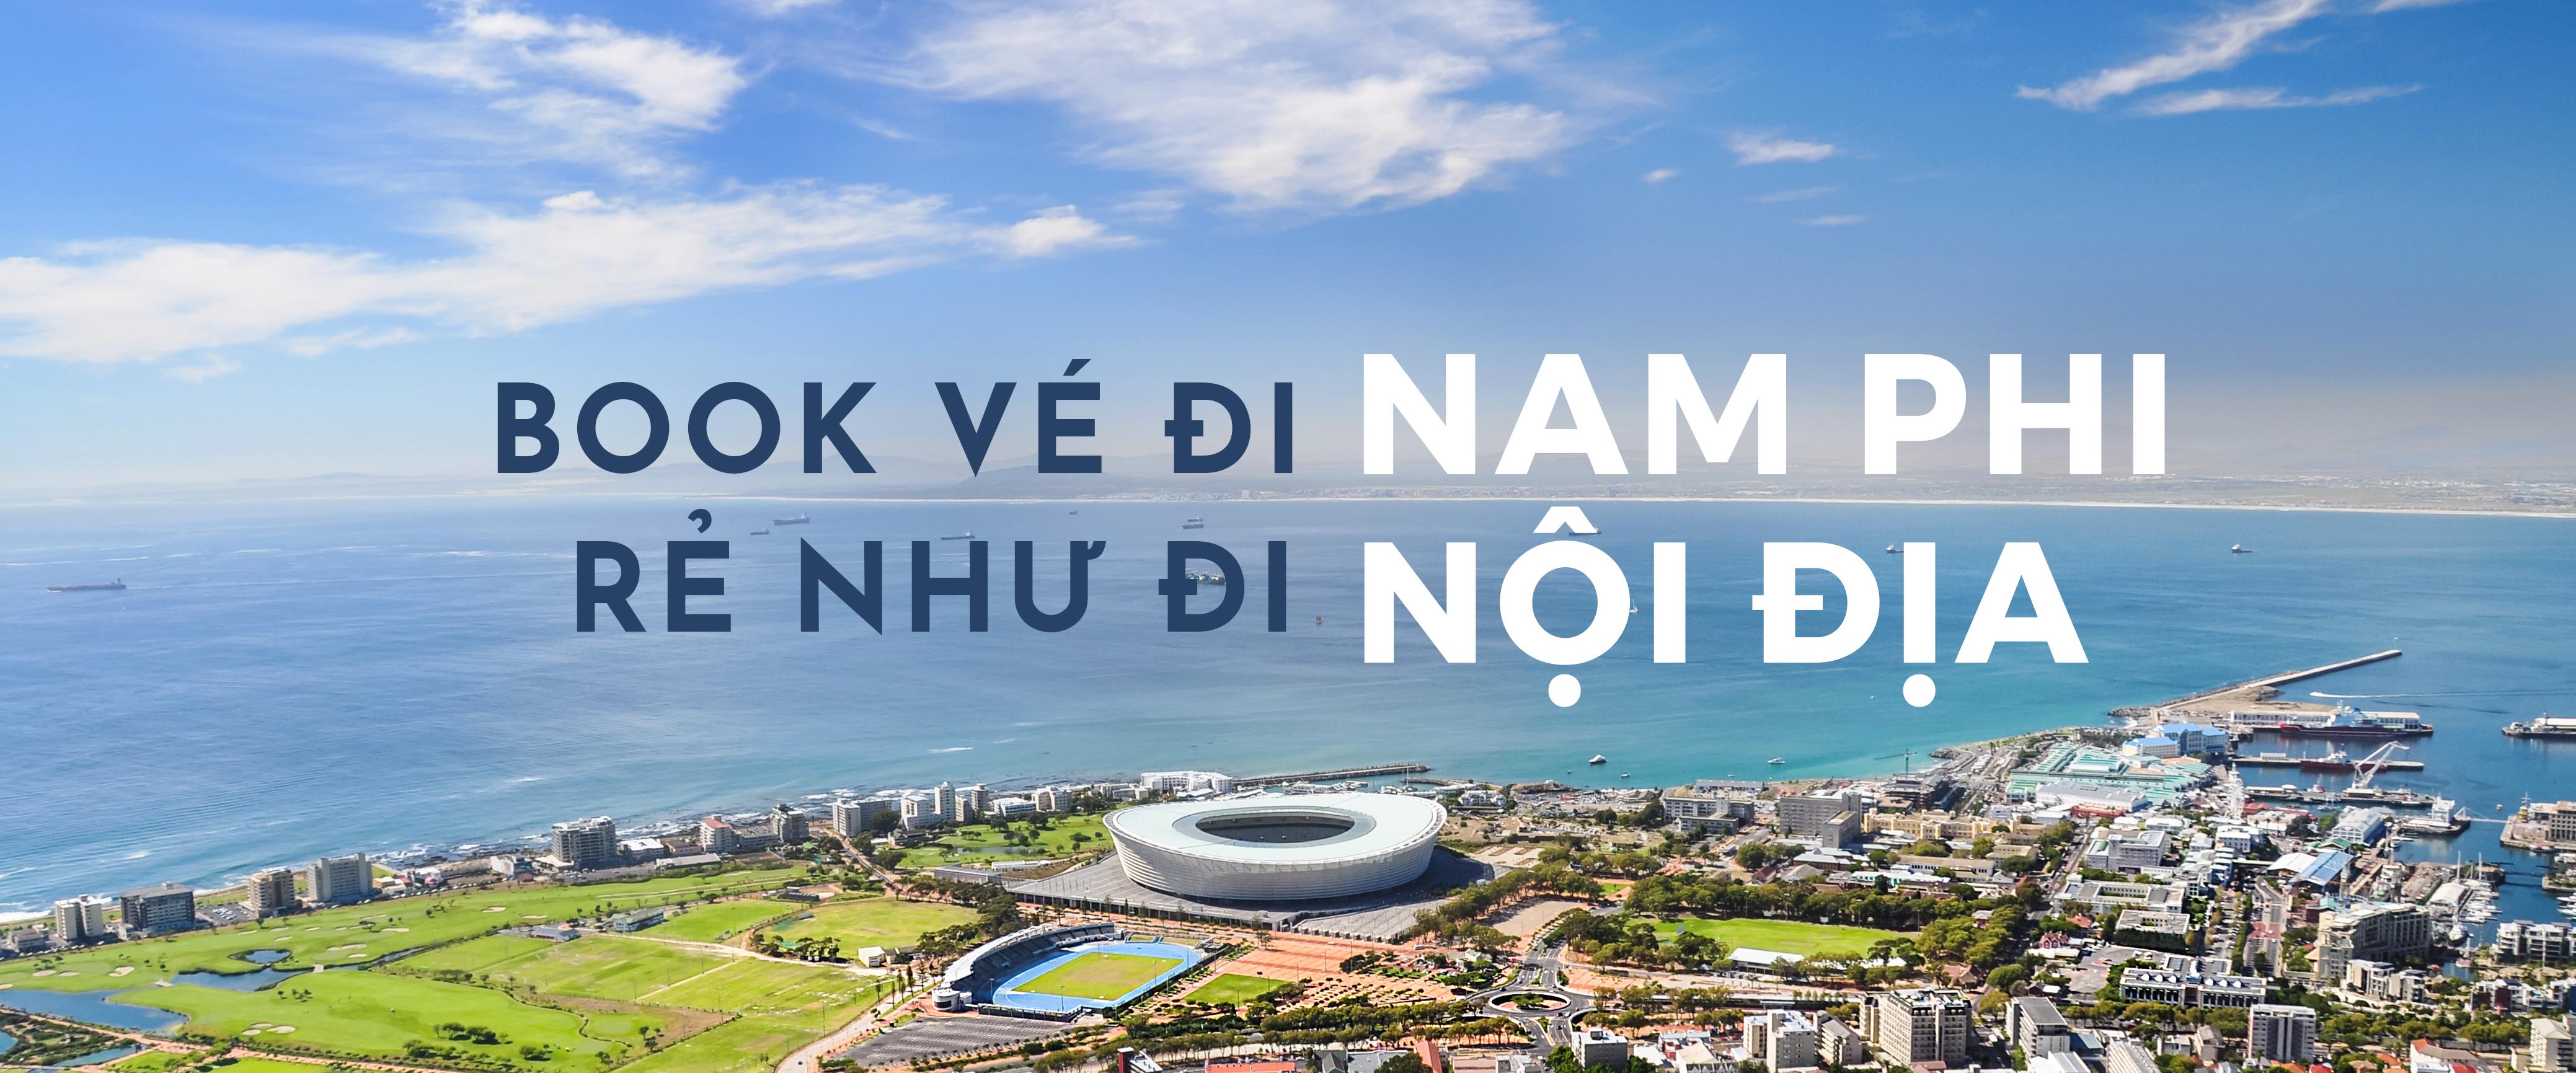 Cách book vé đi Nam Phi rẻ như đi nội địa